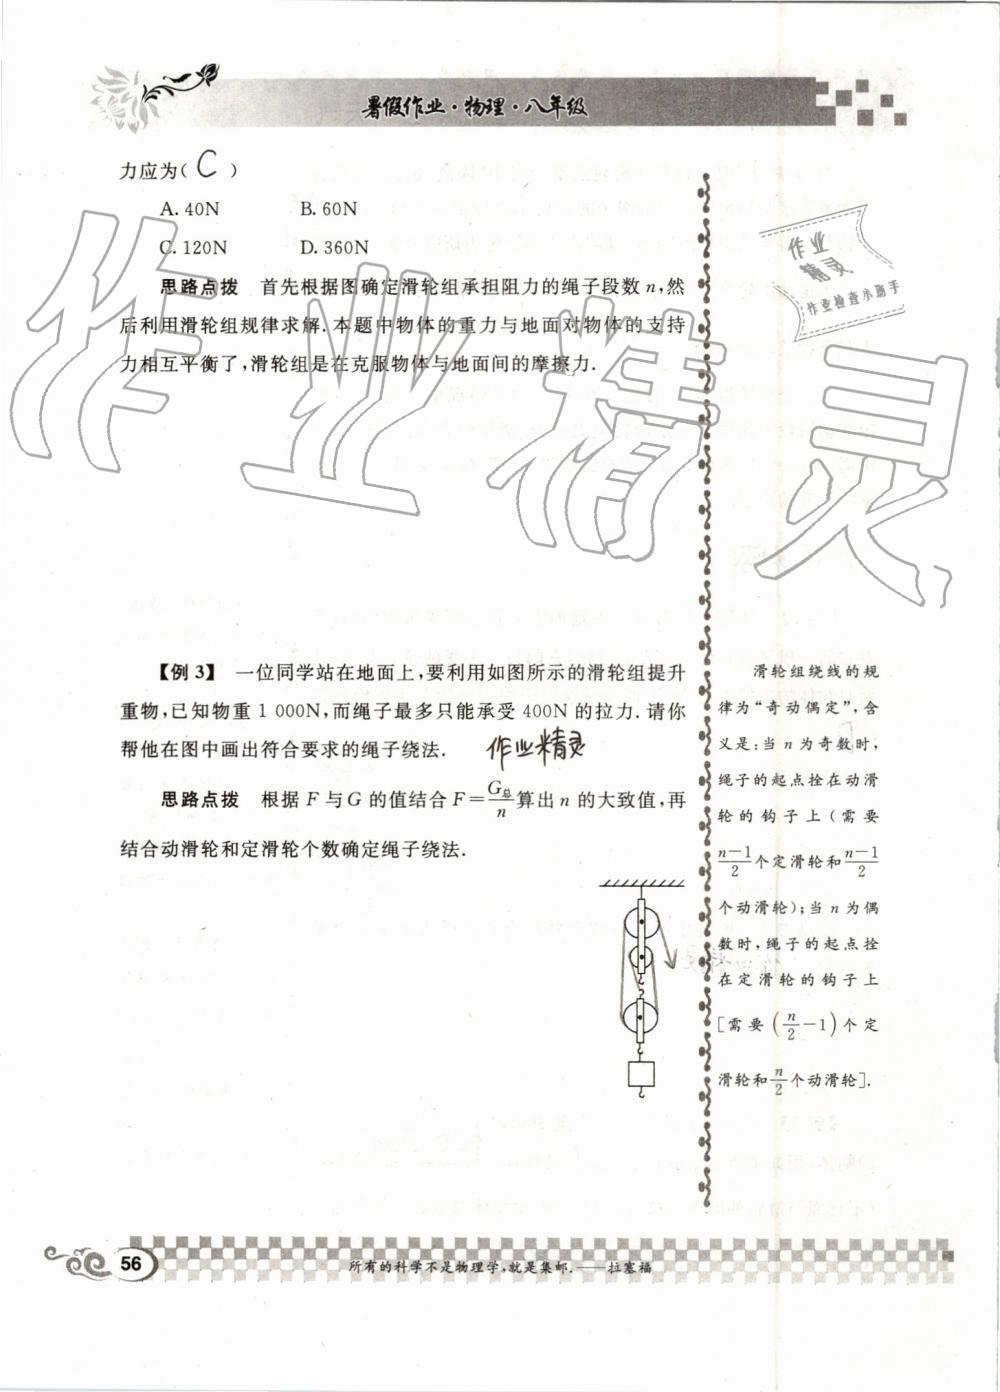 2019年长江暑假作业八年级物理崇文书局第56页